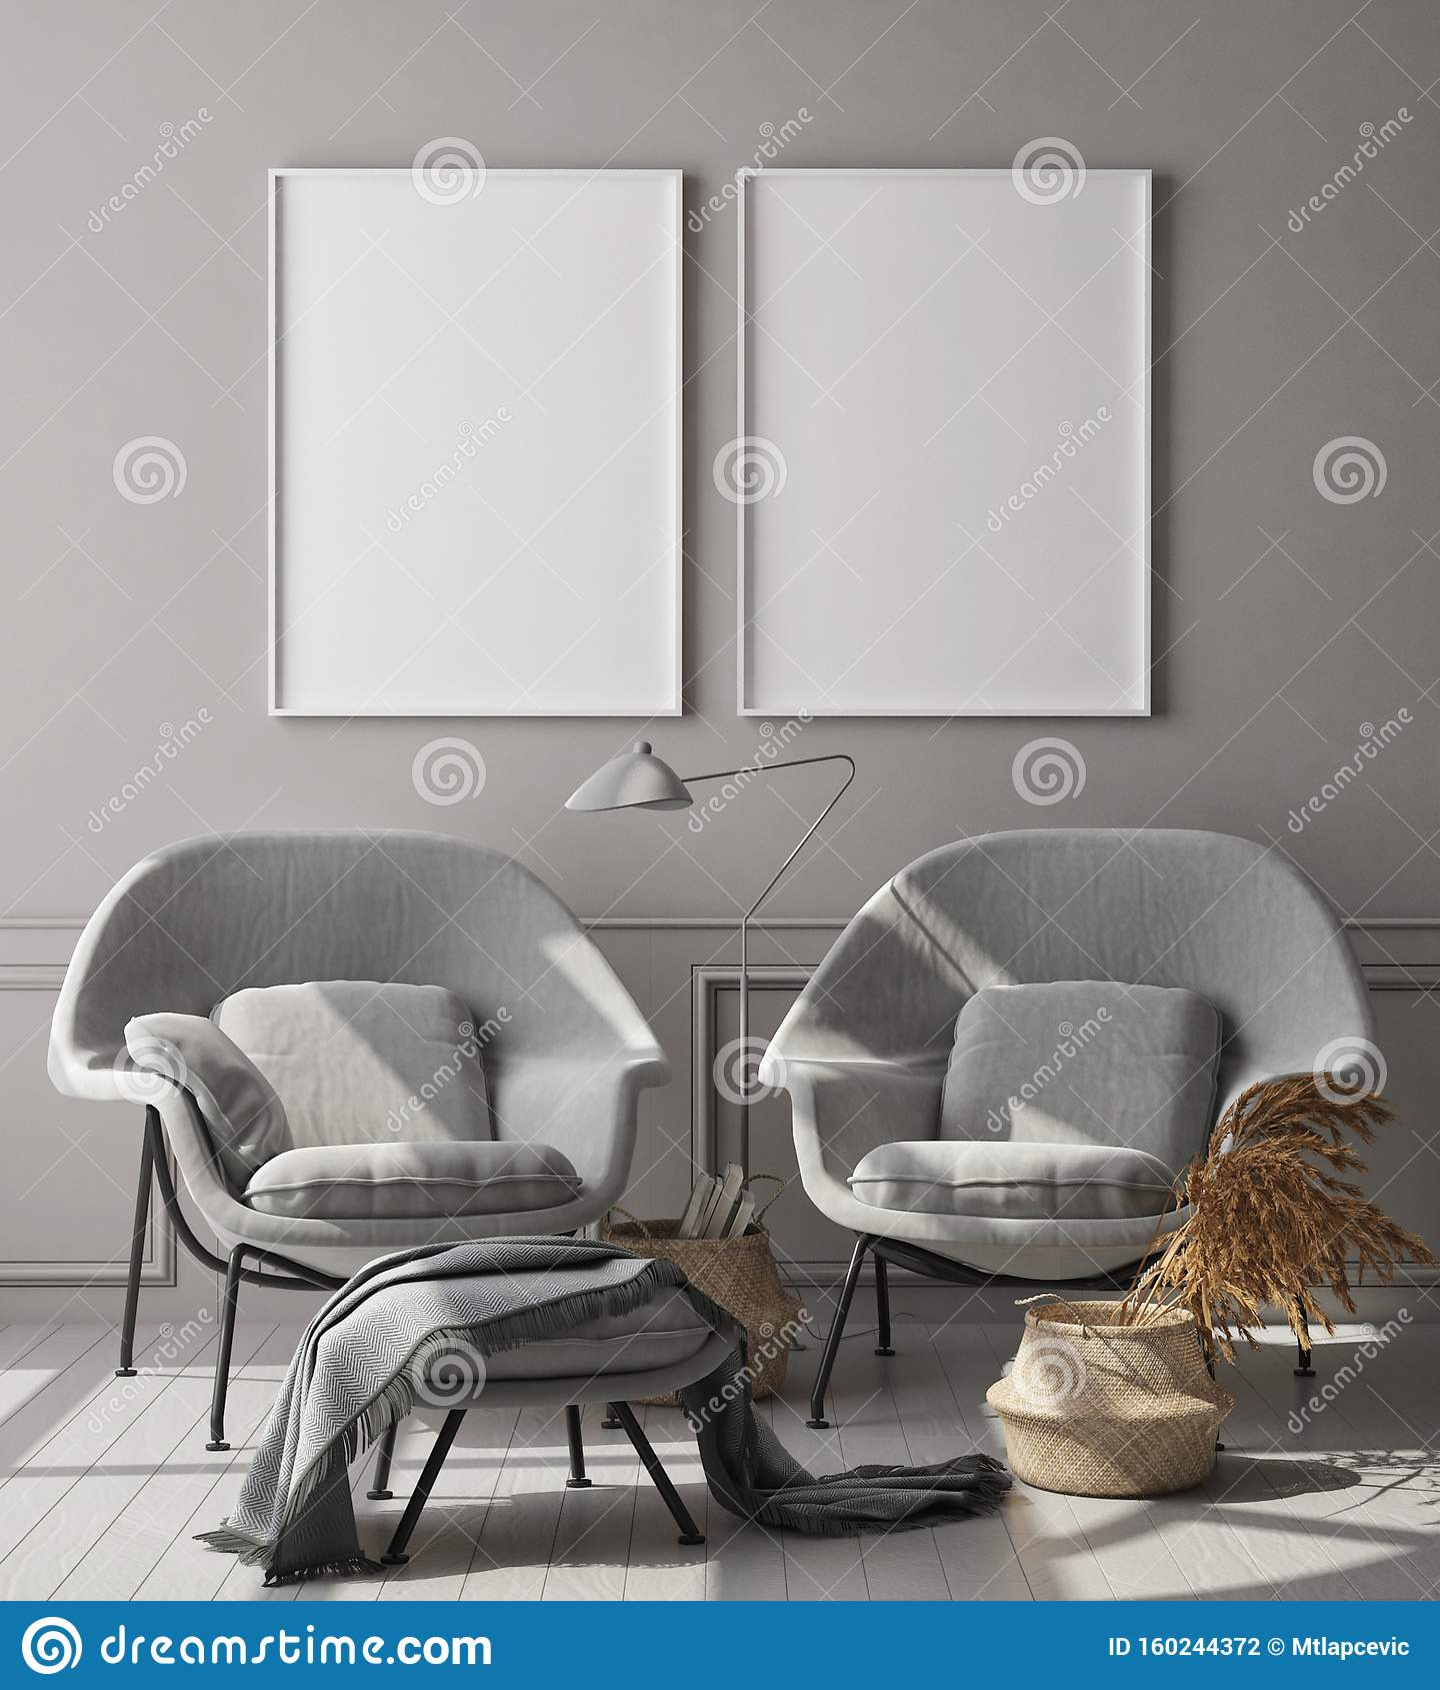 Zet het posterframe op in de moderne zwart-wit-binnenachtergrond, woonkamer, Scandinavische stijl, 3D-rendering, 3D-illustratie